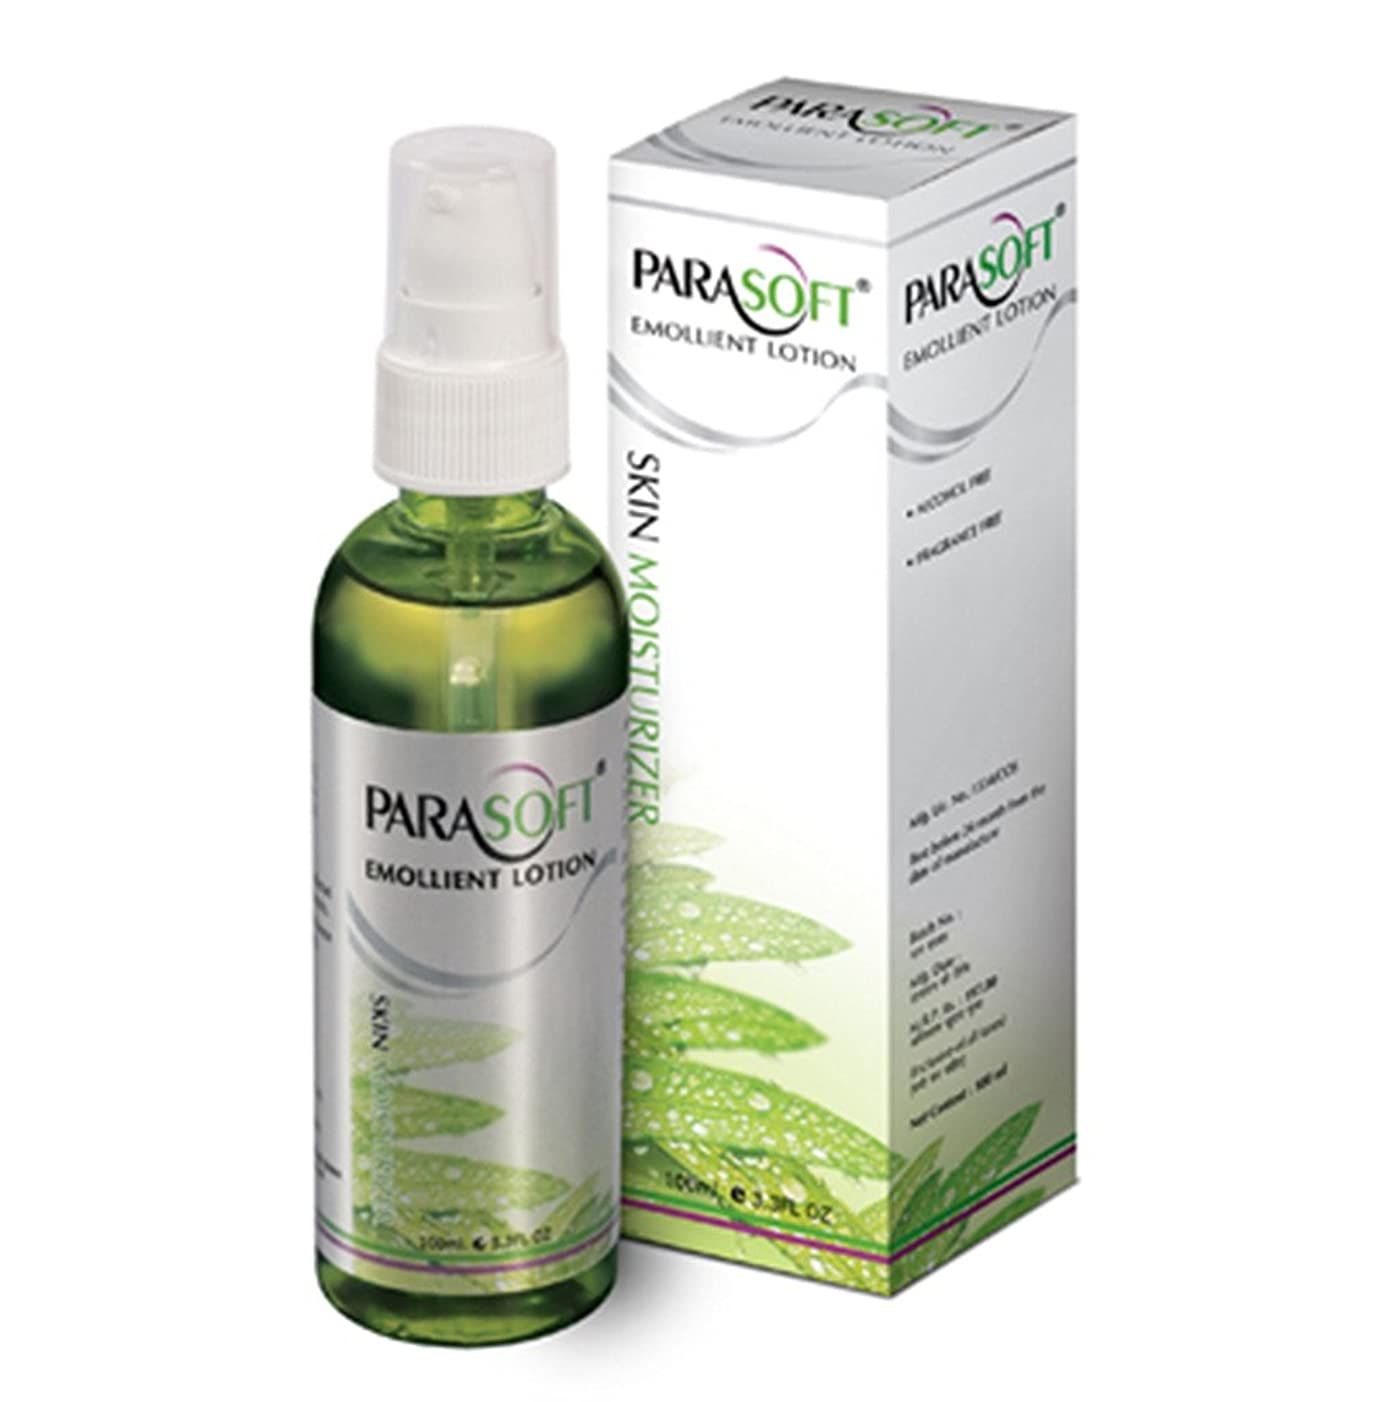 冷蔵庫精神的にシミュレートするParaffin Lotion Grapeseed, Jojoba, Aloevera, Avocado, Olive Oil Dry Skin 100ml